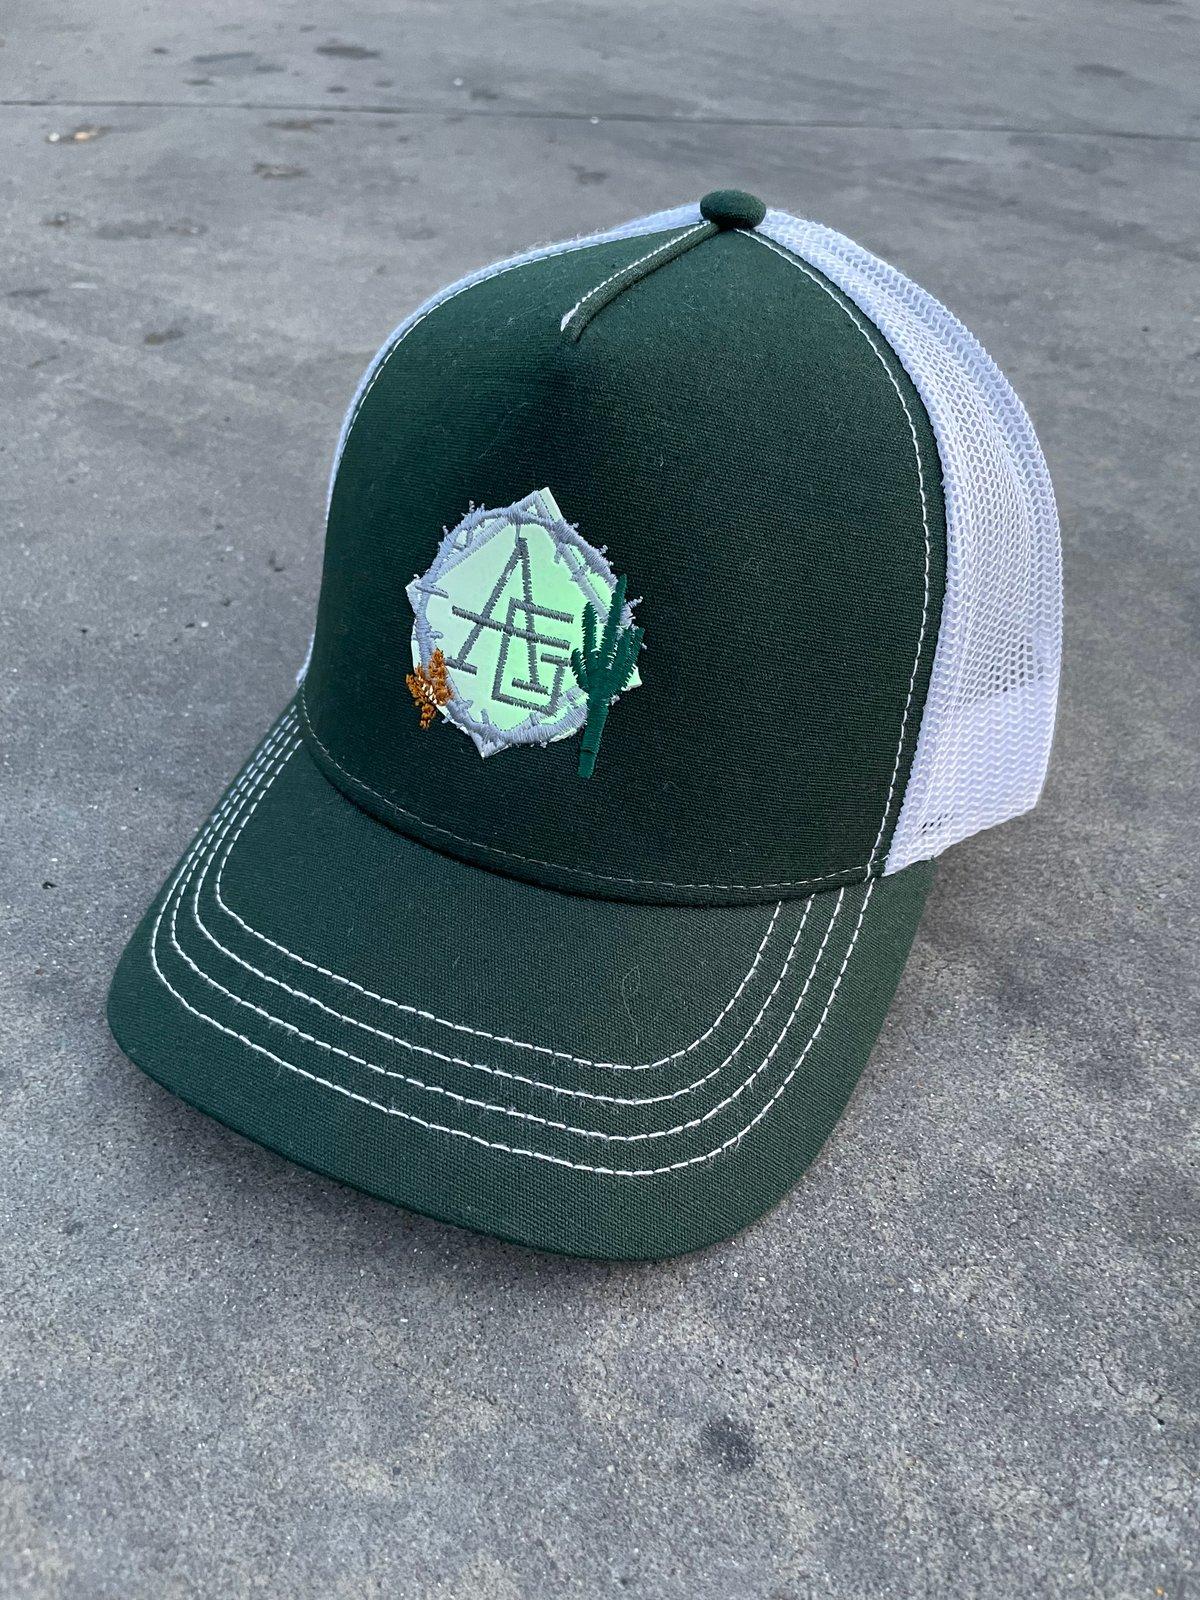 Image of Glow in the dark green bottle cactus trucker hat 🌵